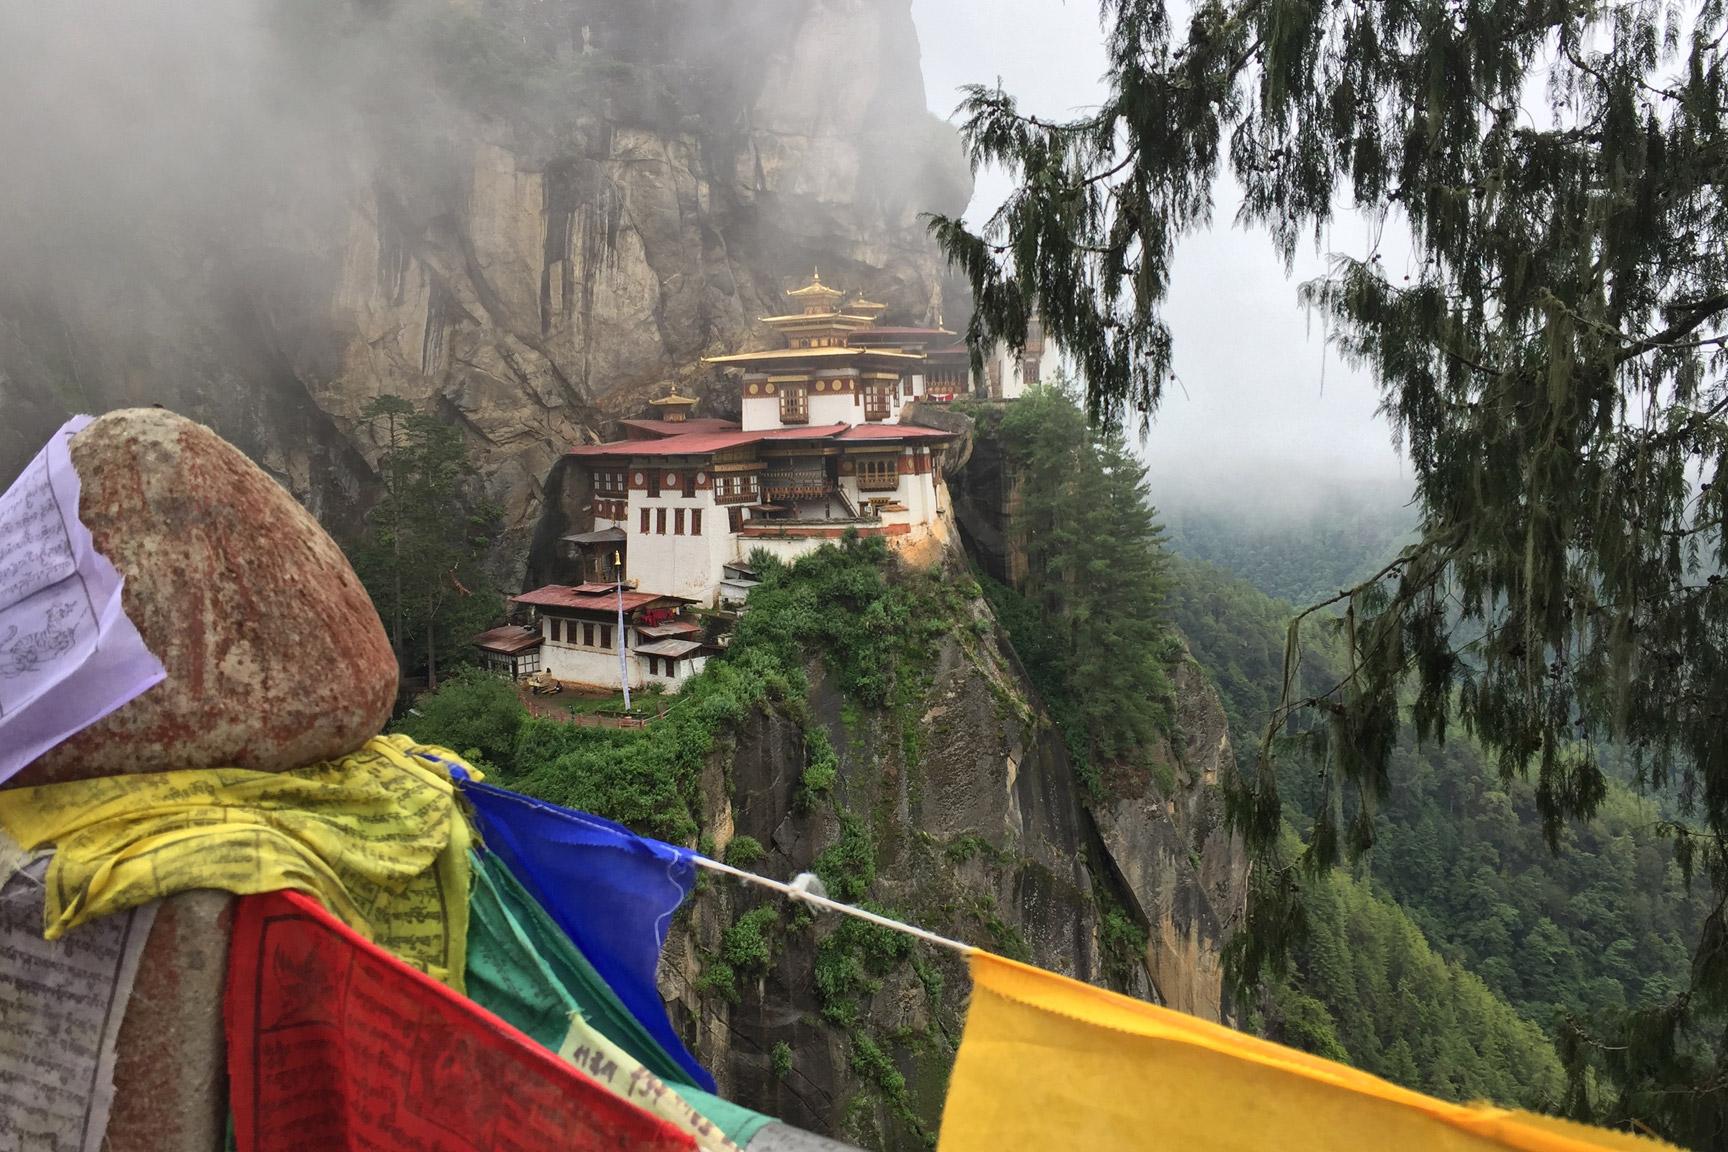 Tempel Bhutan Signature Reise